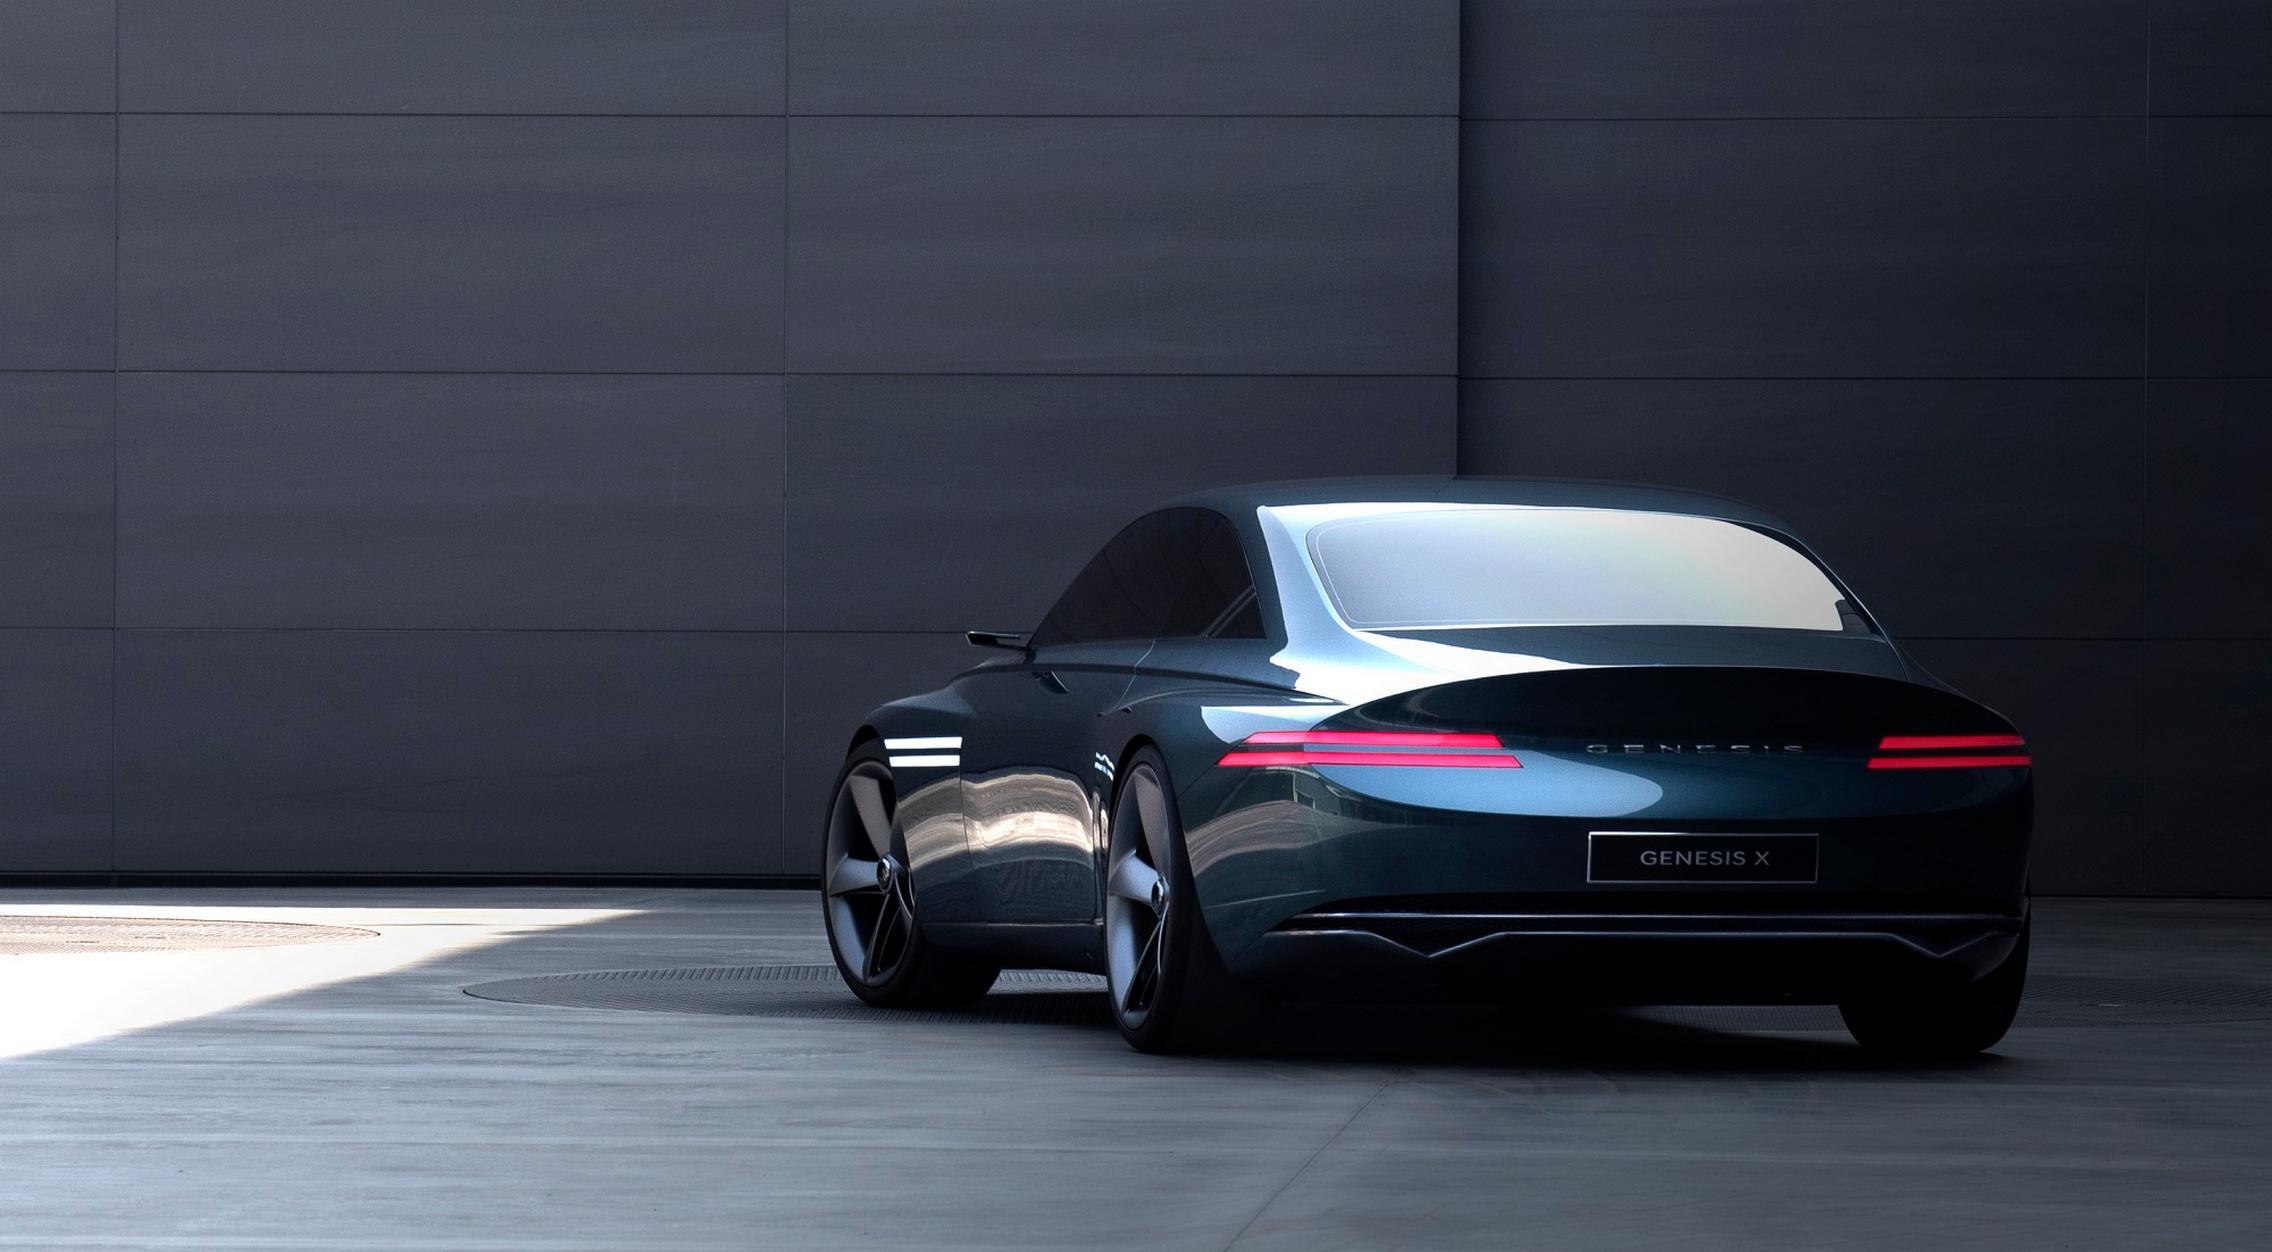 Genesis X Concept rear